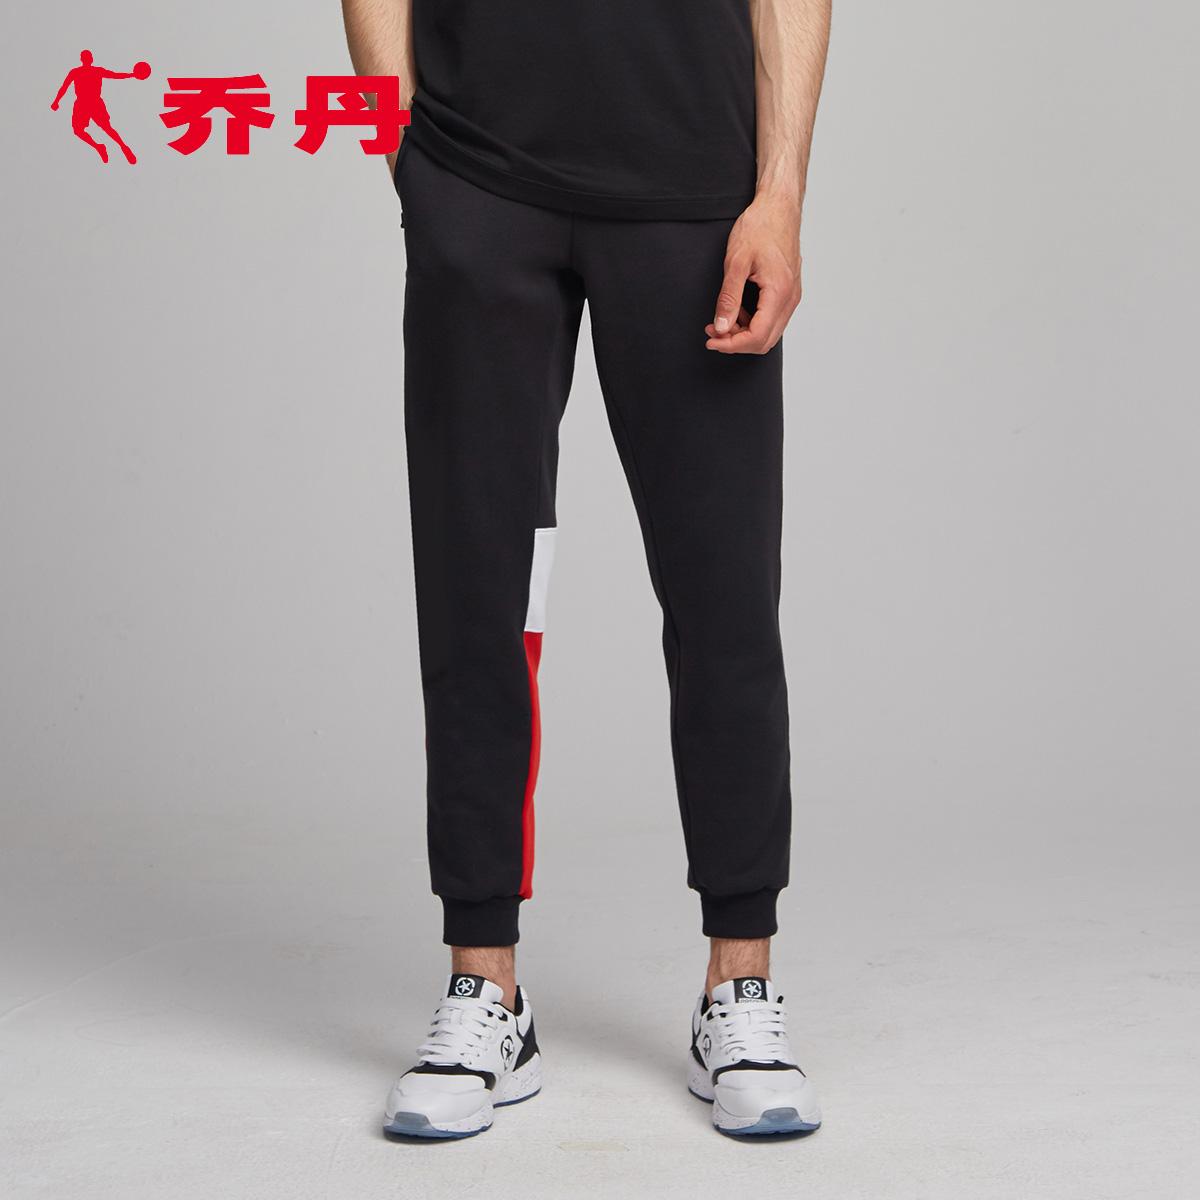 尚街休闲裤